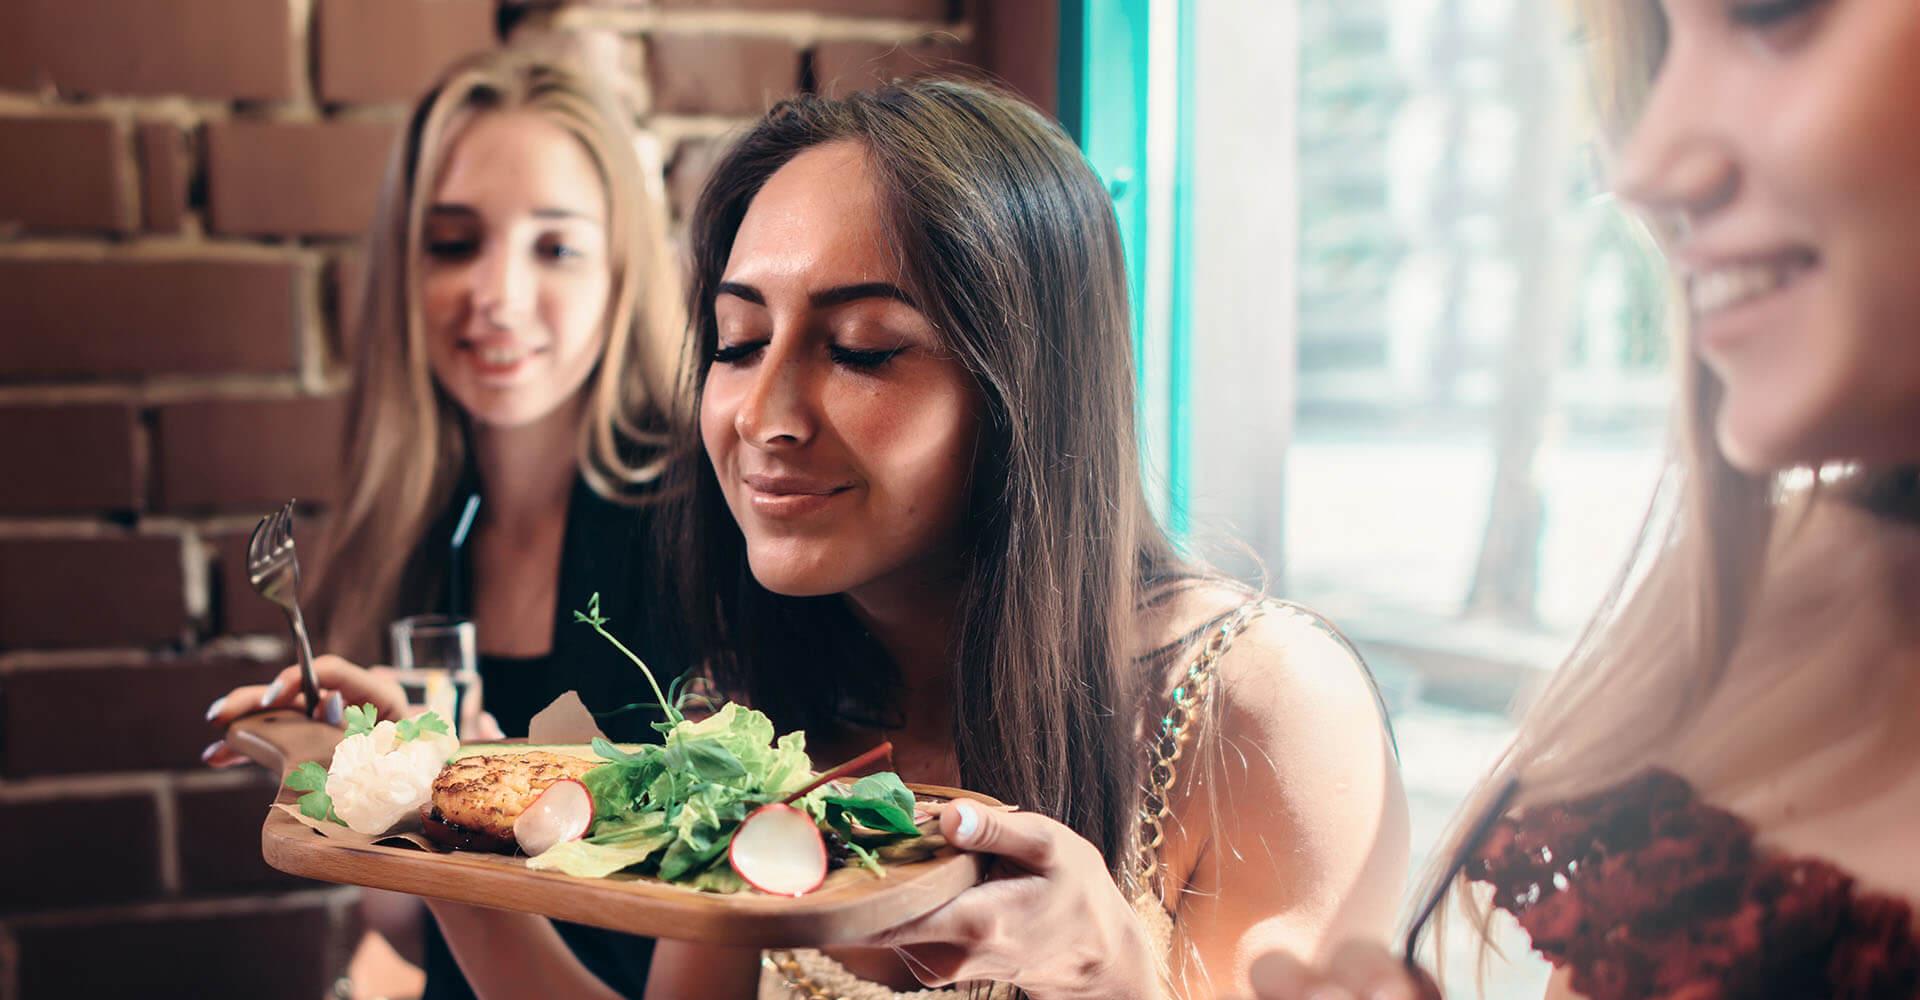 Frau riecht an ihrem gesunden Essen